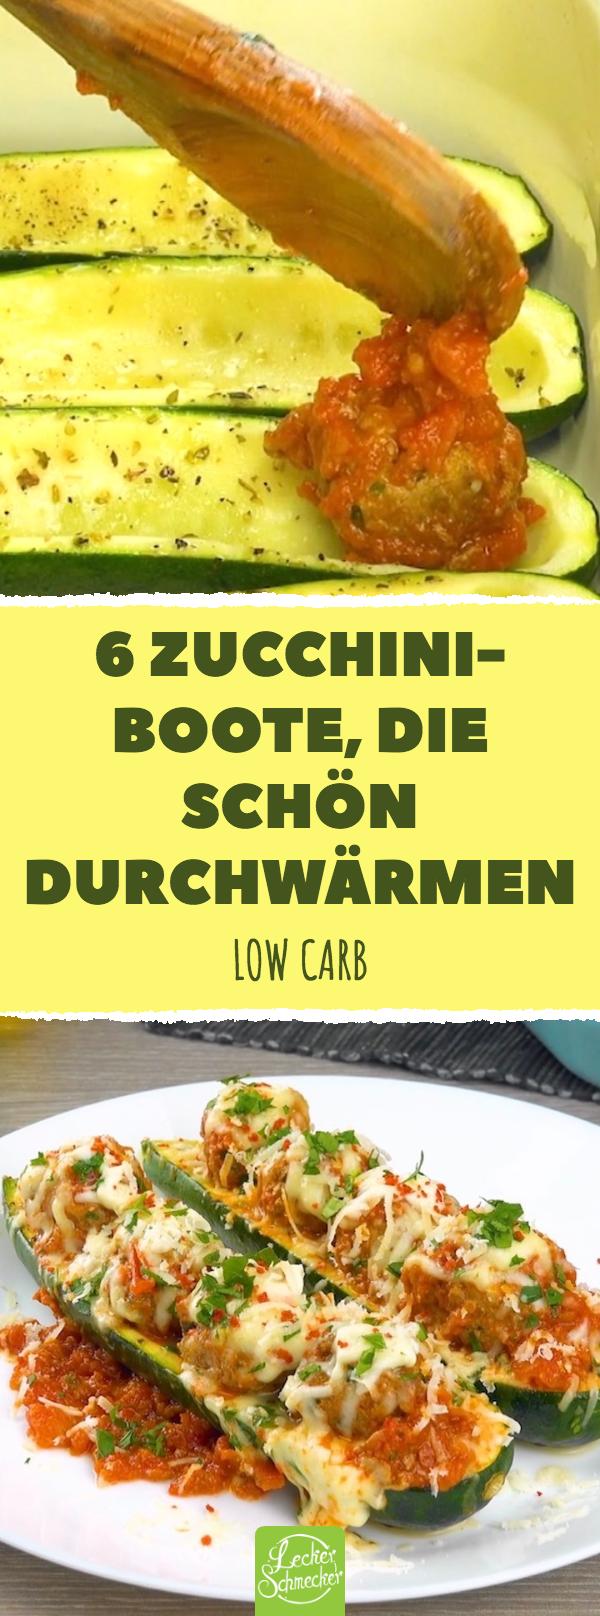 6 Zucchini-Boote, die schön durchwärmen